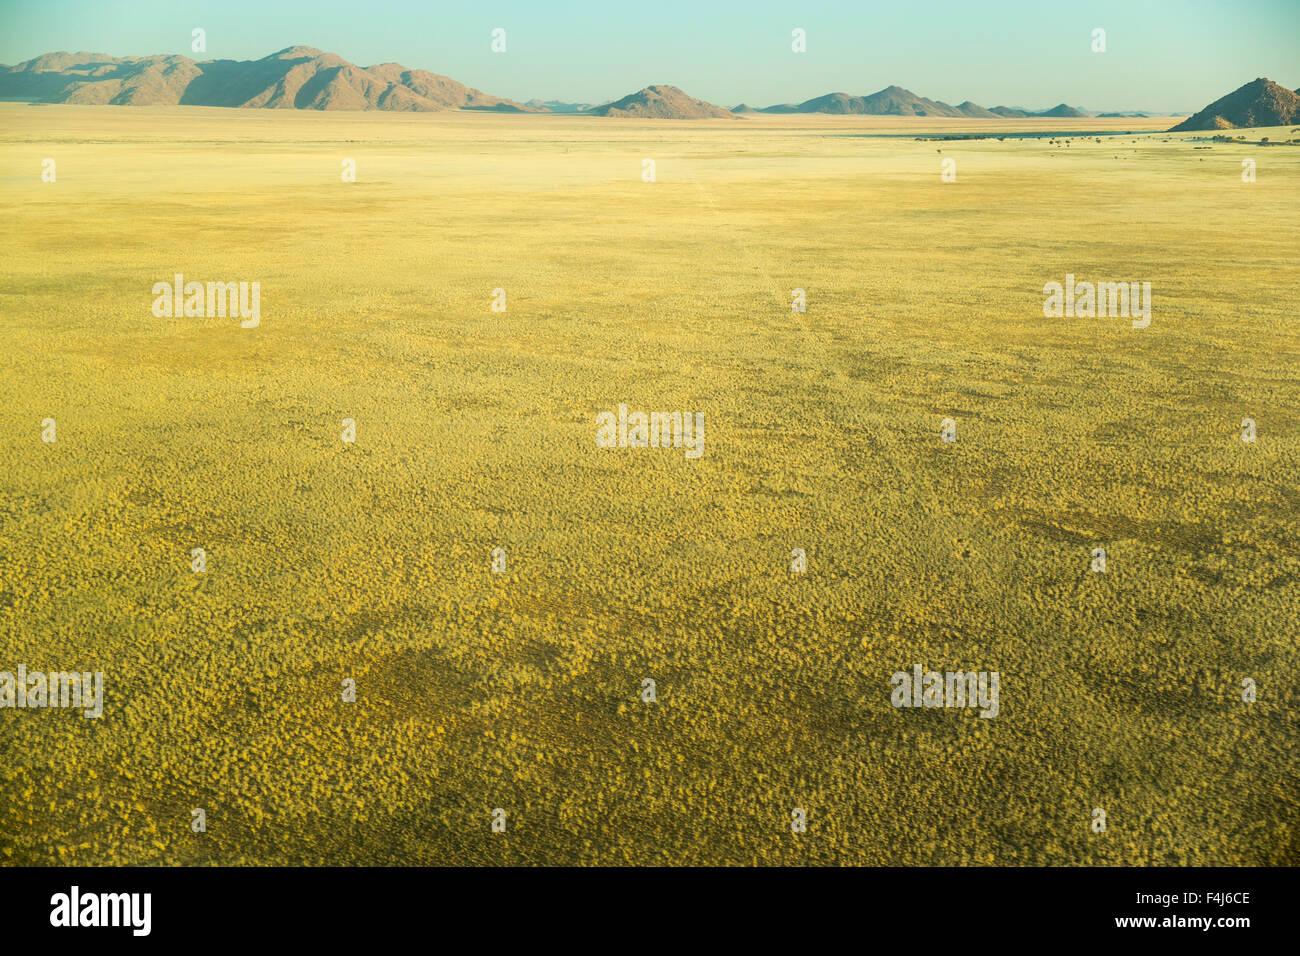 La voie abandonnée dans le désert du Namib, Namibie, Afrique Banque D'Images